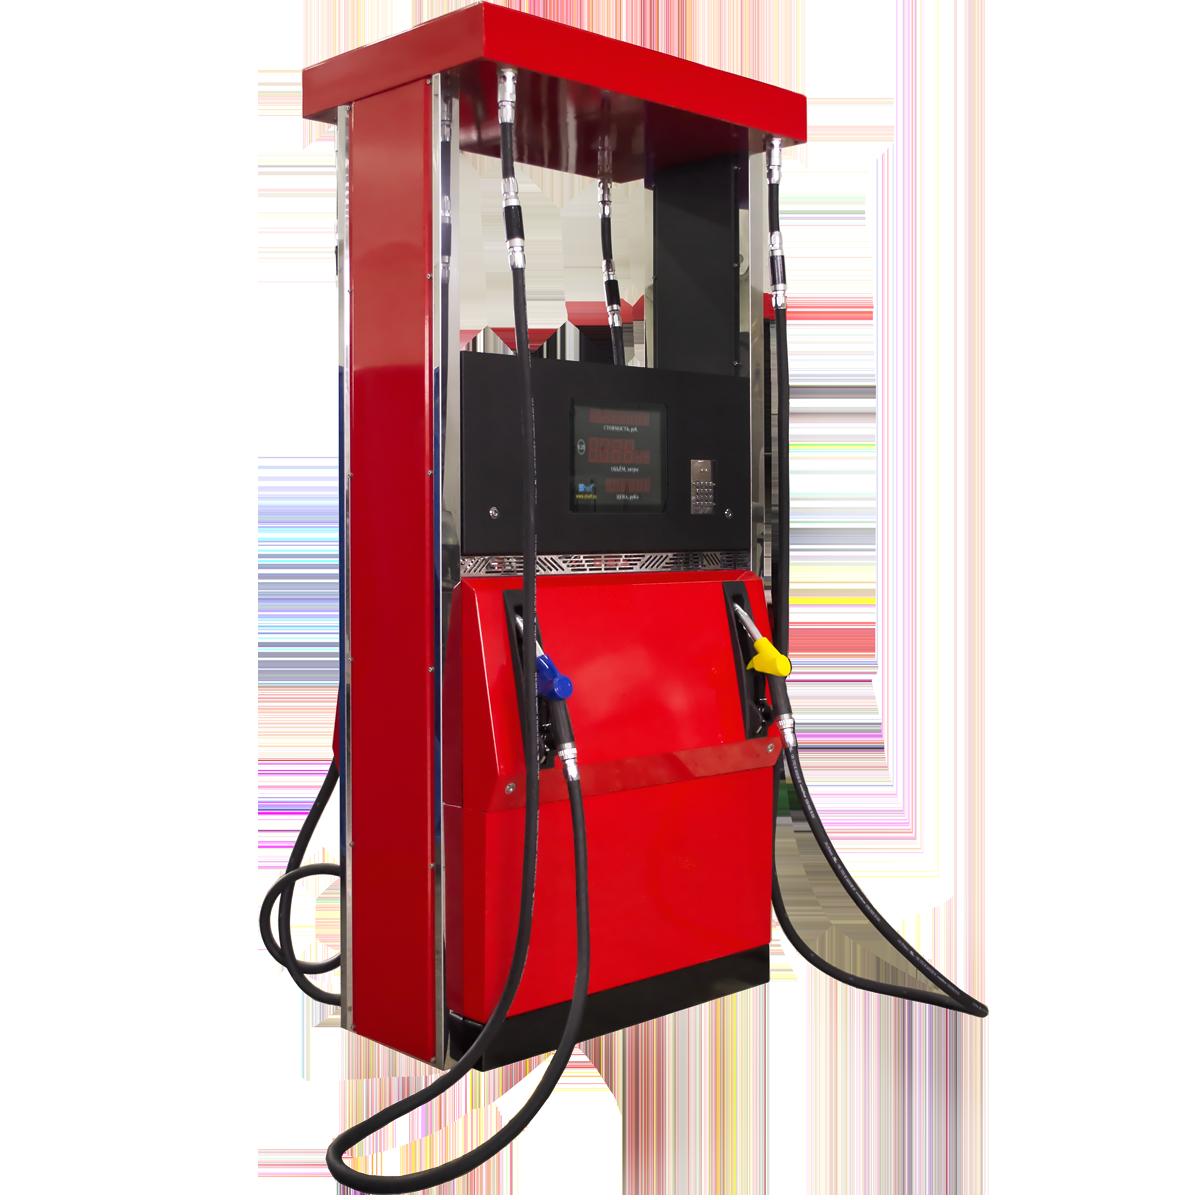 Топливораздаточная колонка серии 300-2